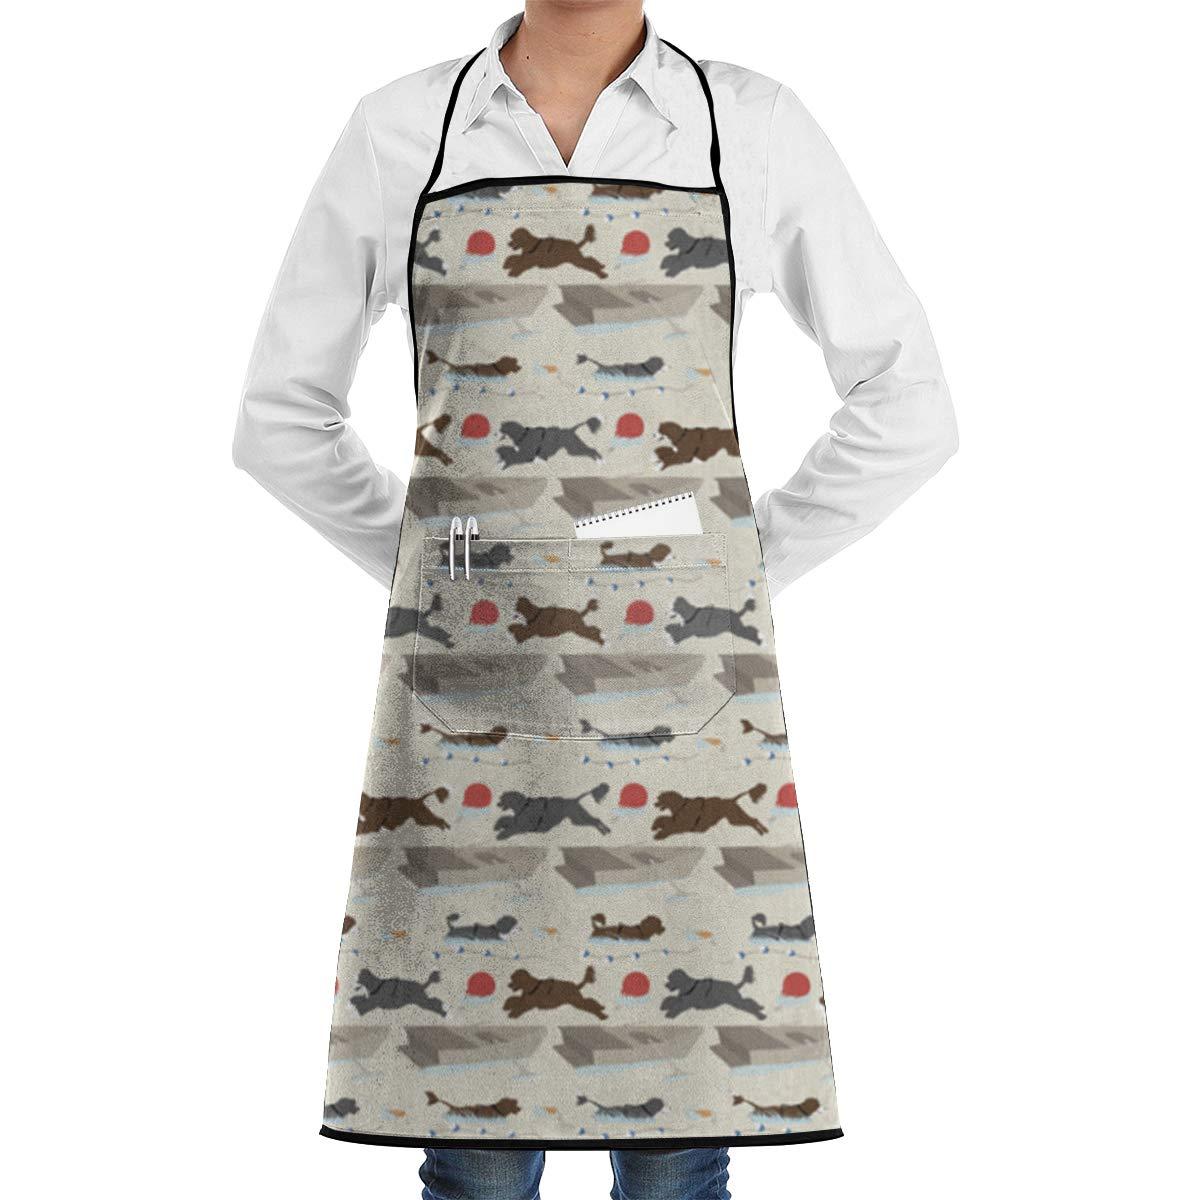 FUNINDIY ビブエプロン ポケット付き ポルトガル製 キュート ウォータードッグ キッチンエプロン 防水 料理 ベーカーサーバー BBQ 20インチ X 28インチ   B07M663JH1